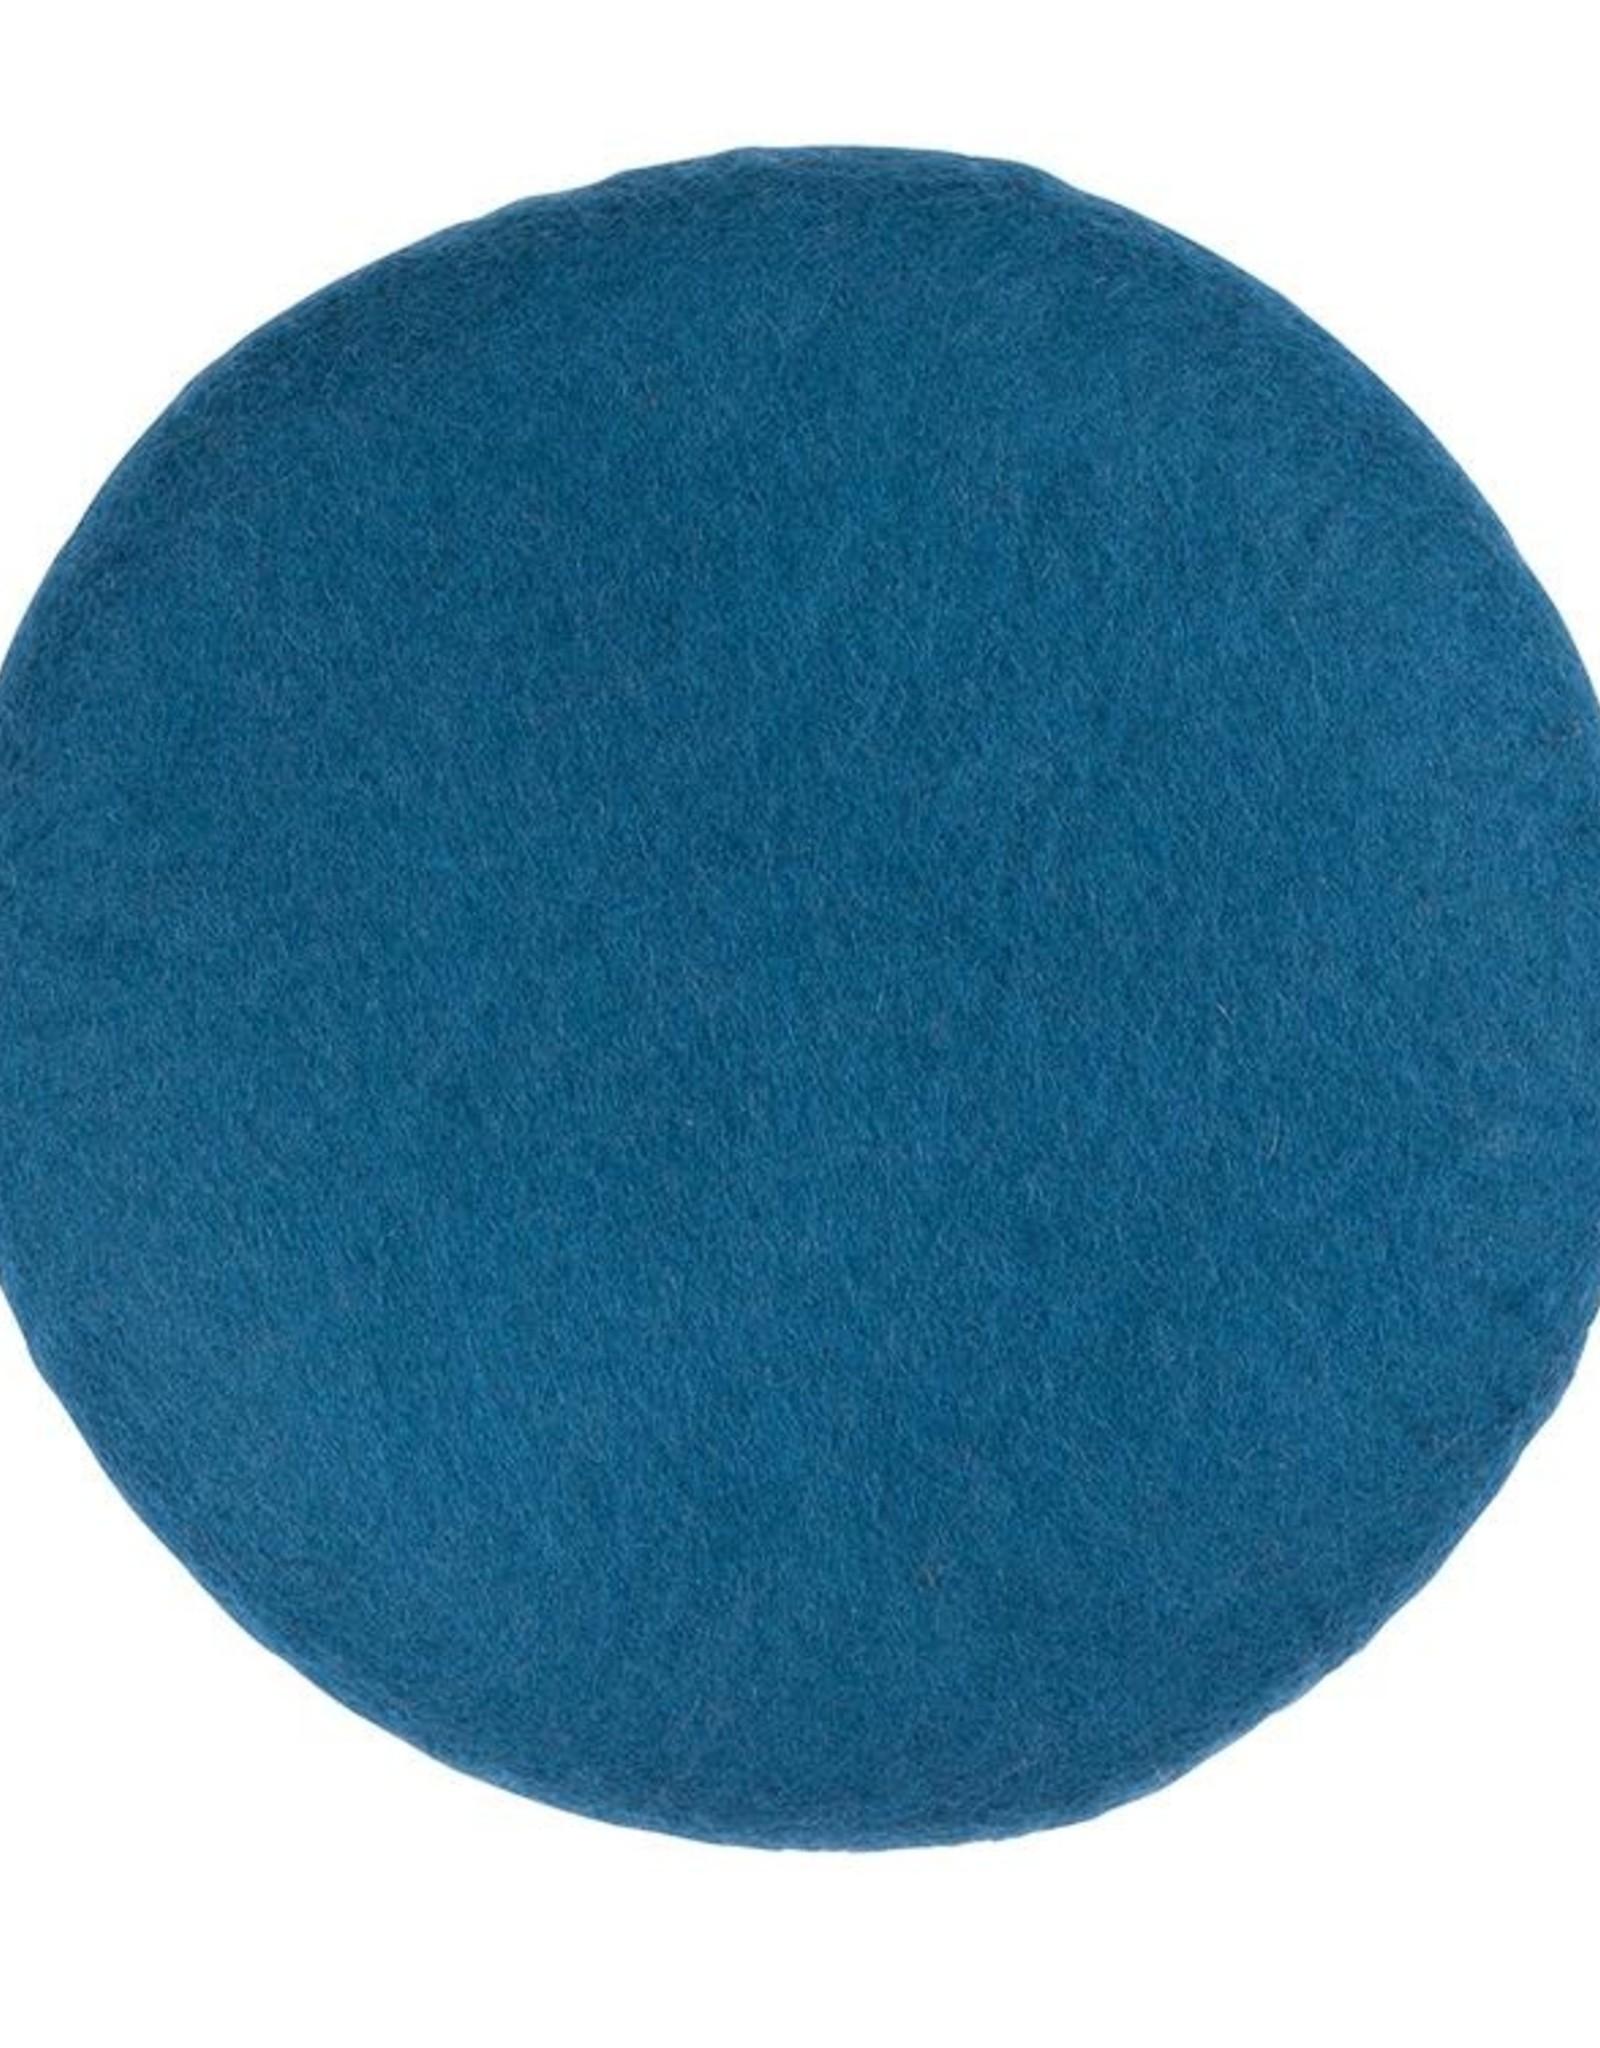 Filz Sitzkissen d-blau 100%Wolle gefilzt